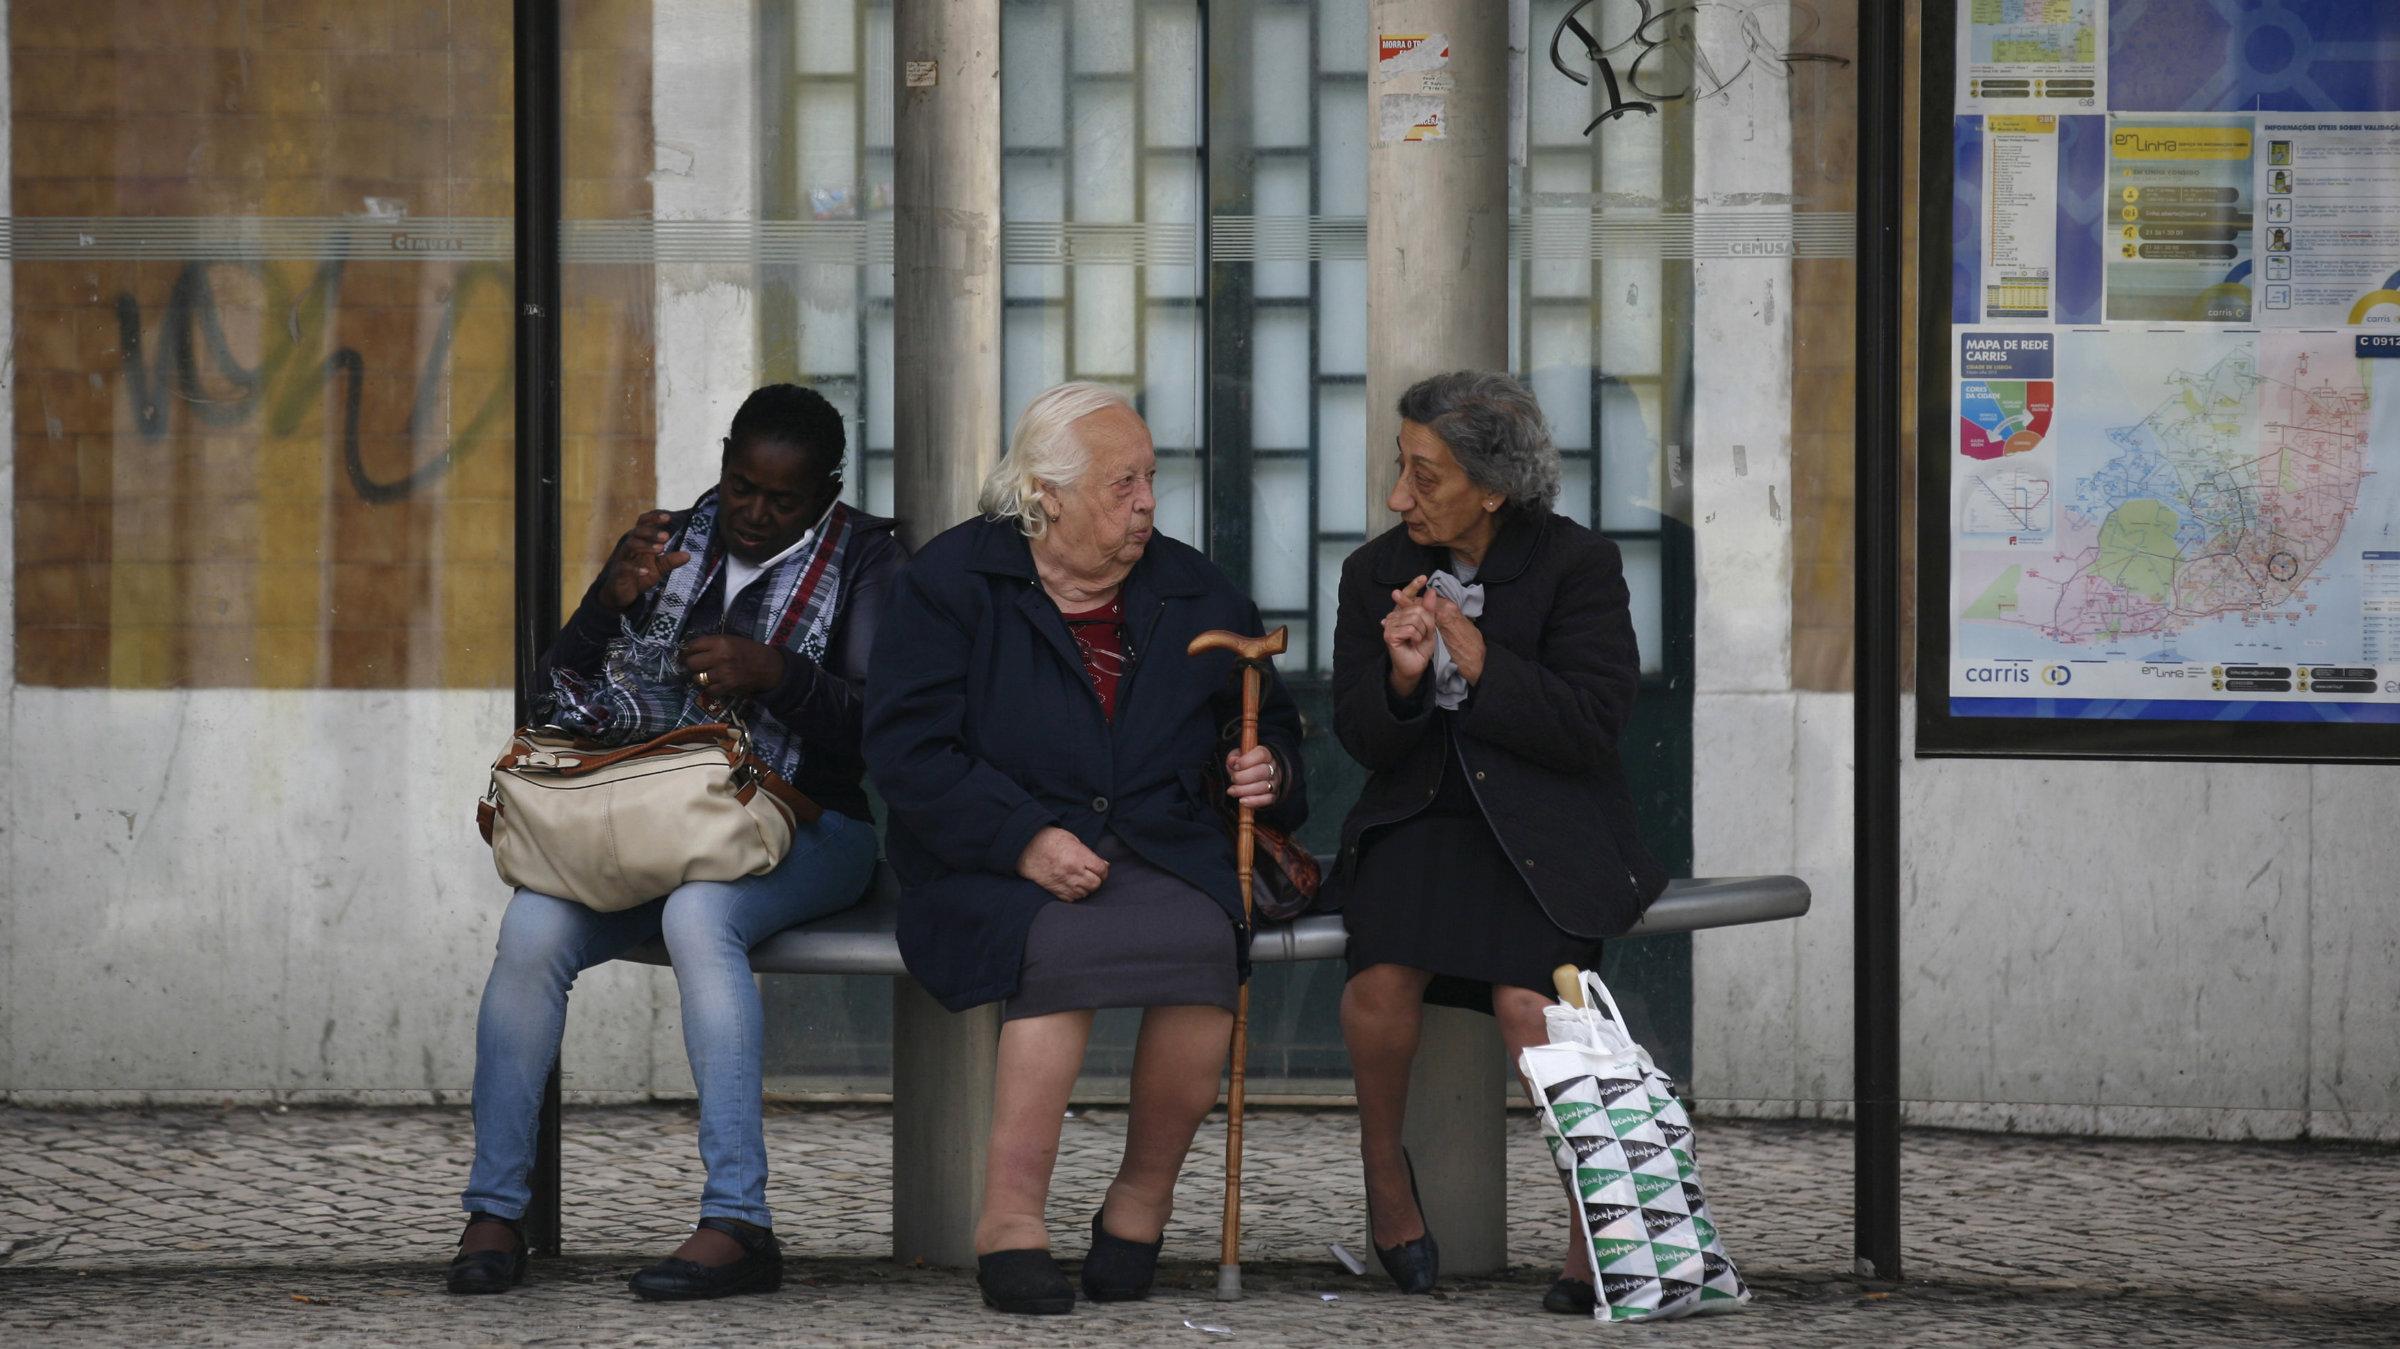 Women speak as they wait for a tram in Lisbon.